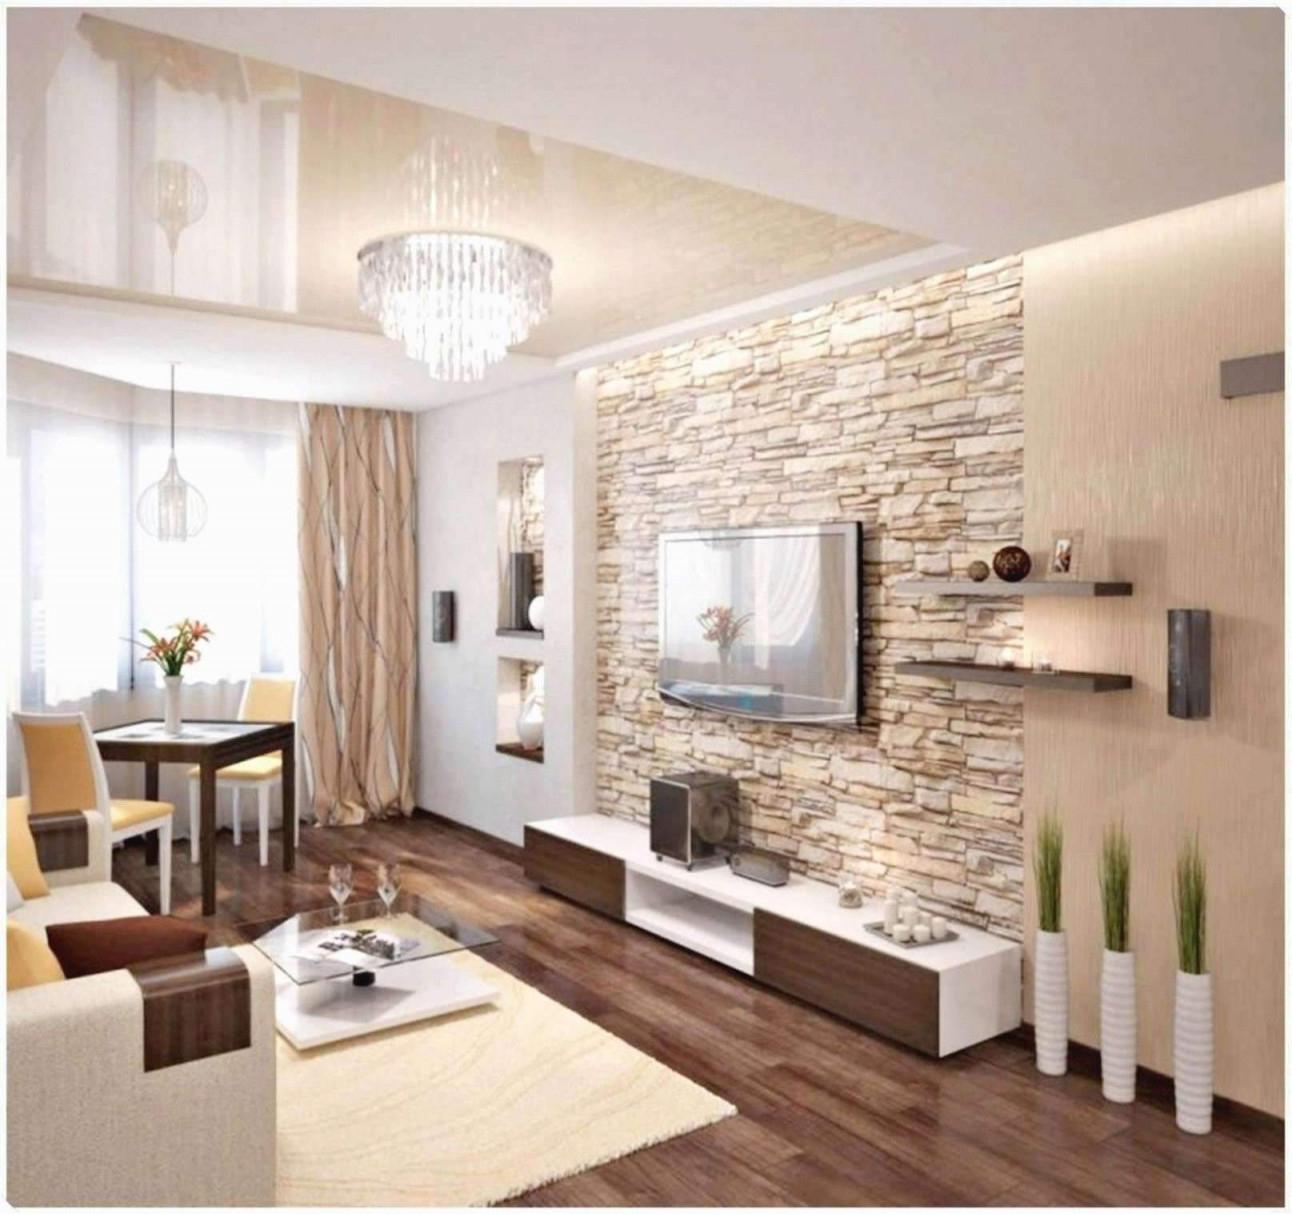 29 Luxus Wohnzimmer Einrichten Ideen Genial  Wohnzimmer Frisch von Wohnzimmer Einrichten Klein Photo